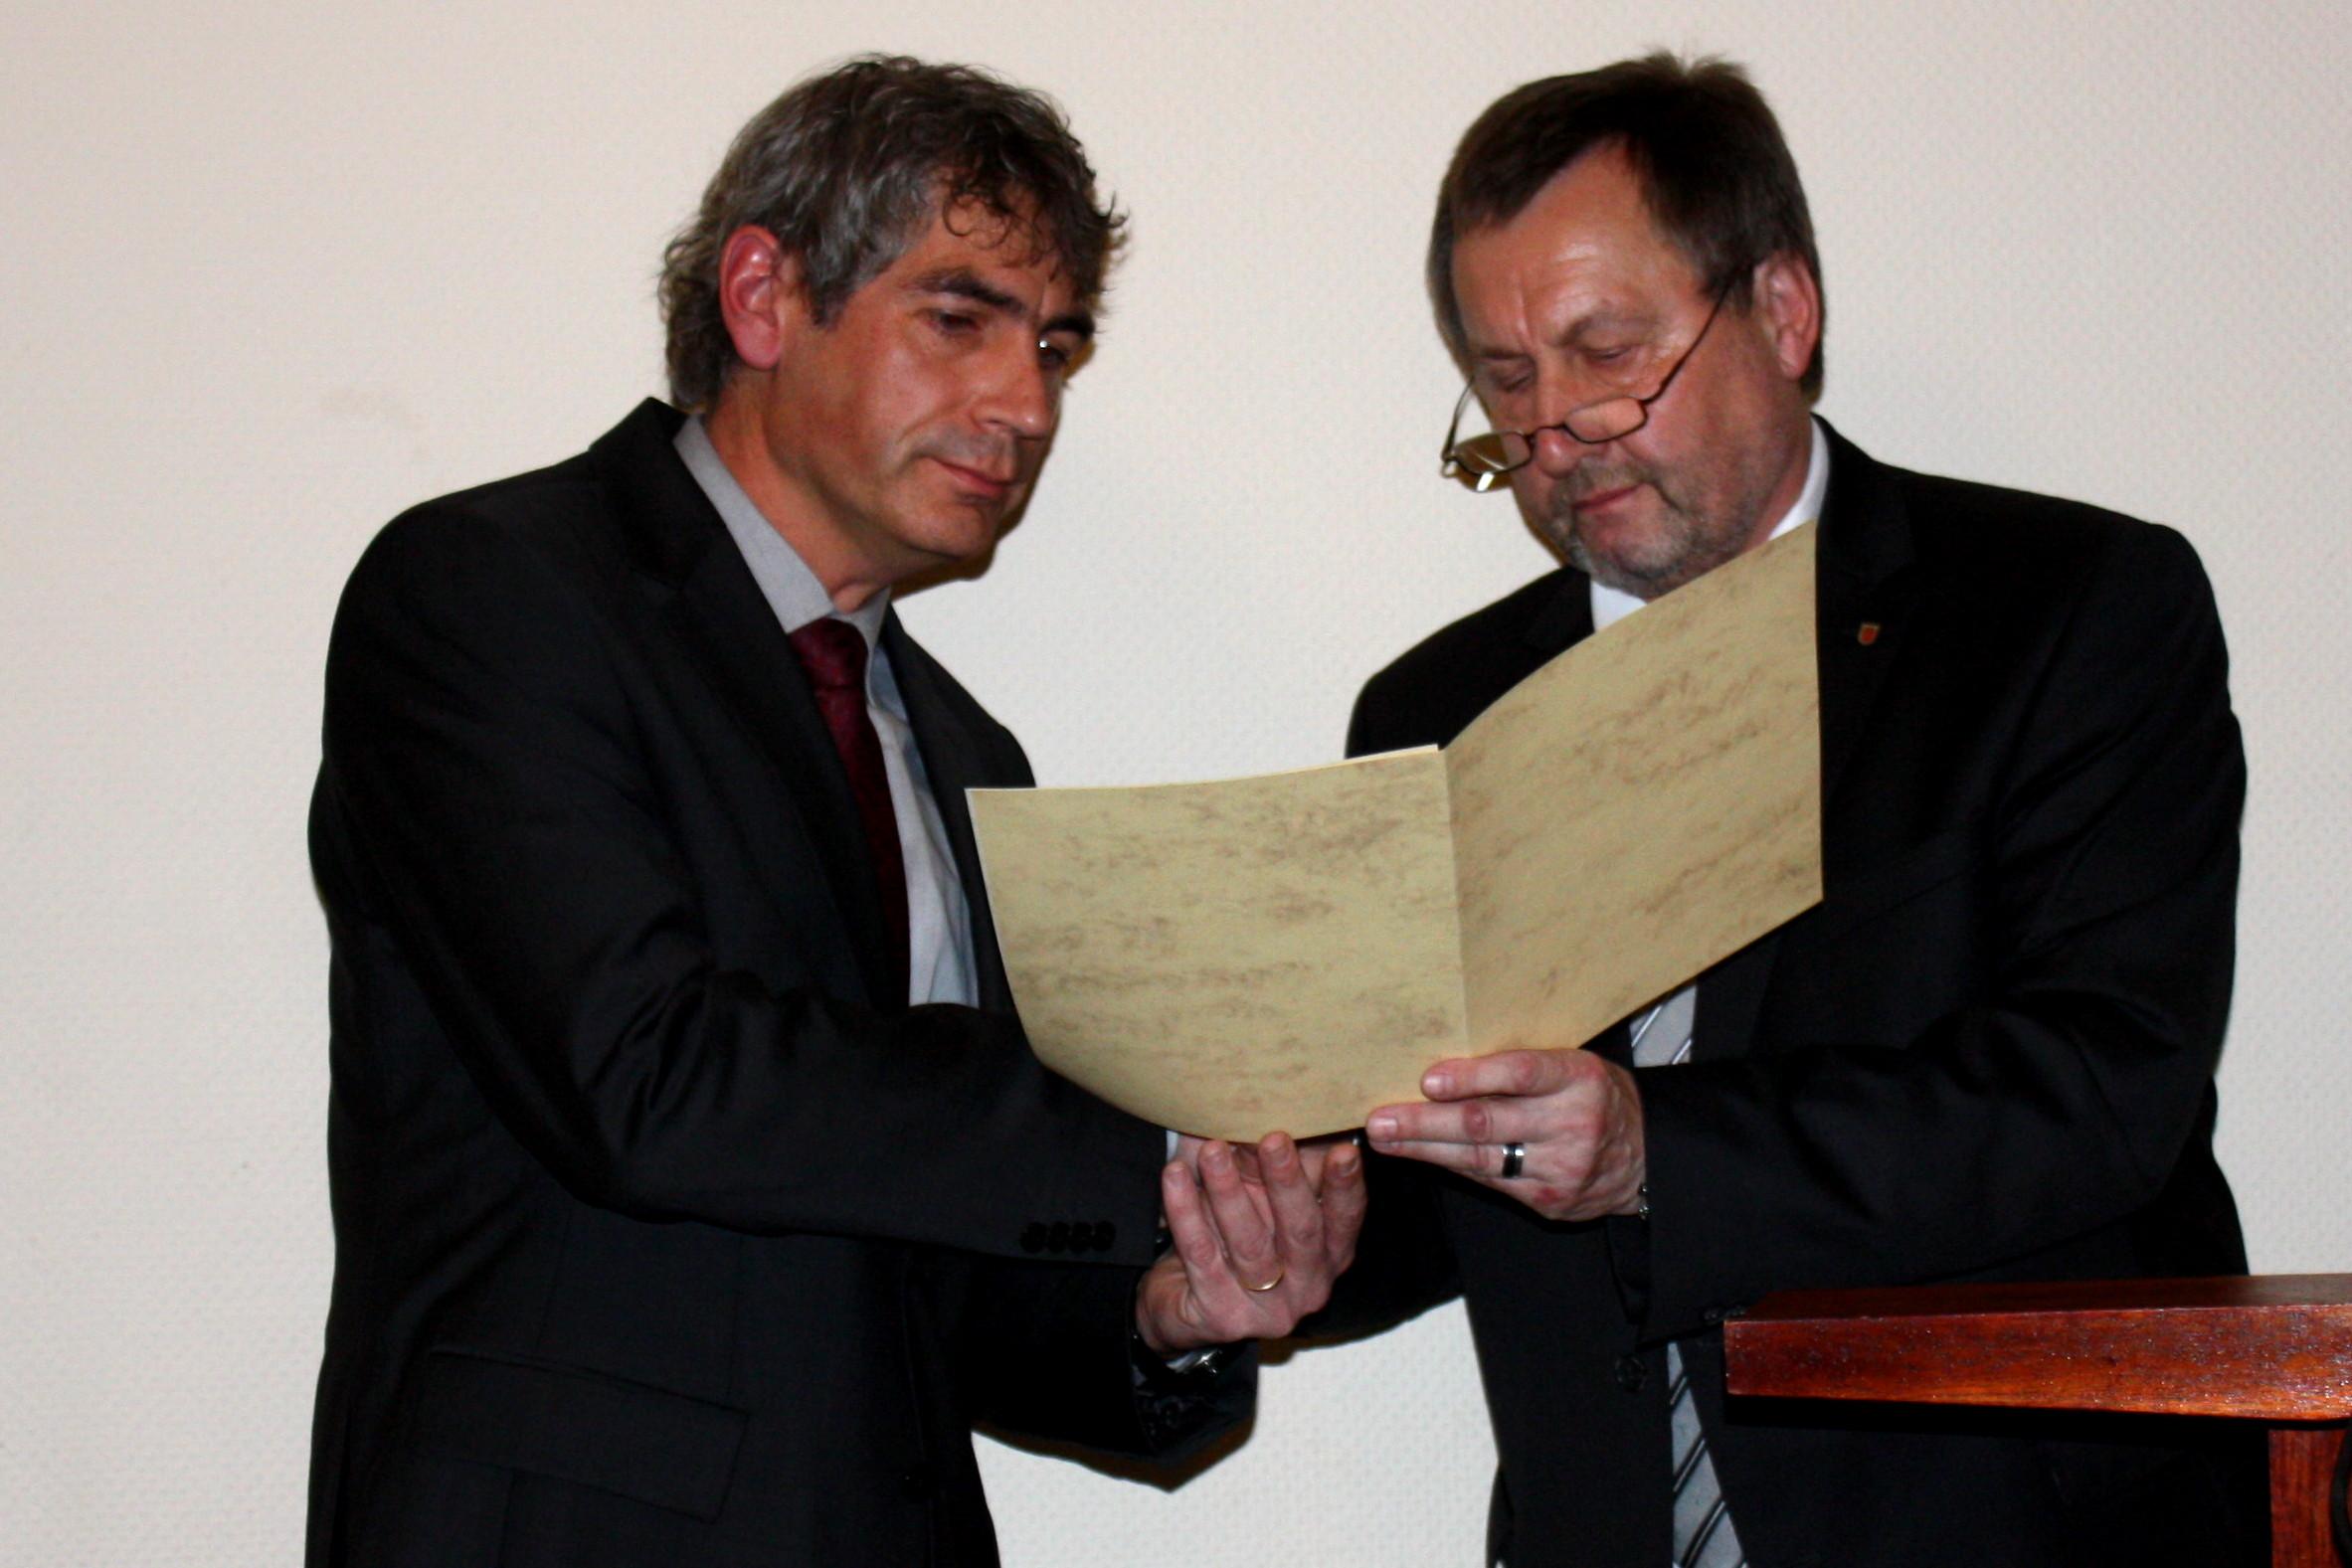 Eine Ära geht zu Ende: Bürgermeisterwechsel der VG Hamm